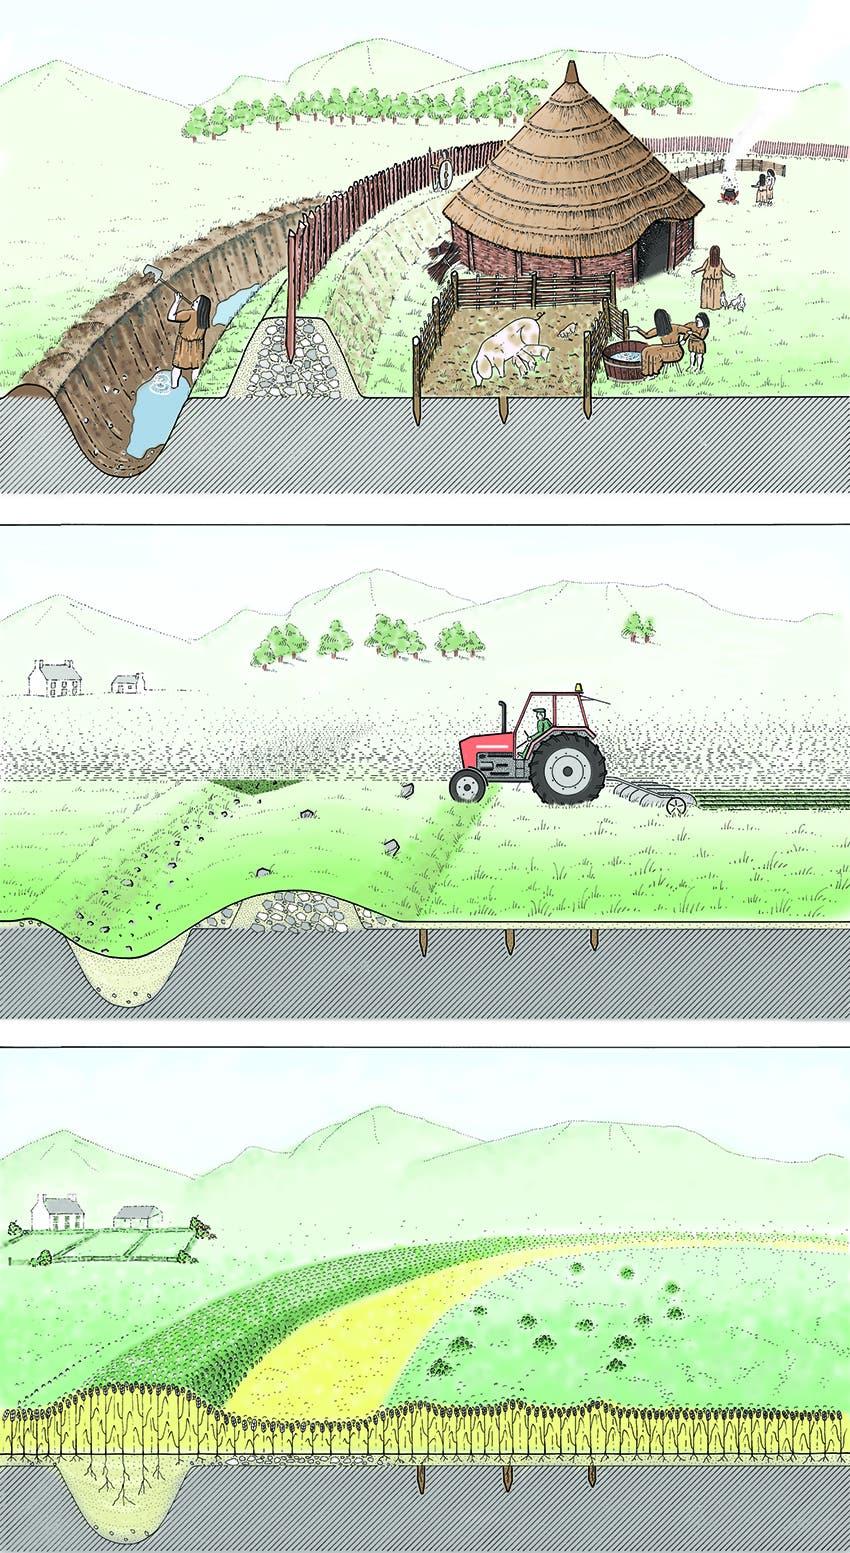 Wie sich alte Strukturen in der Vegetation abzeichnen